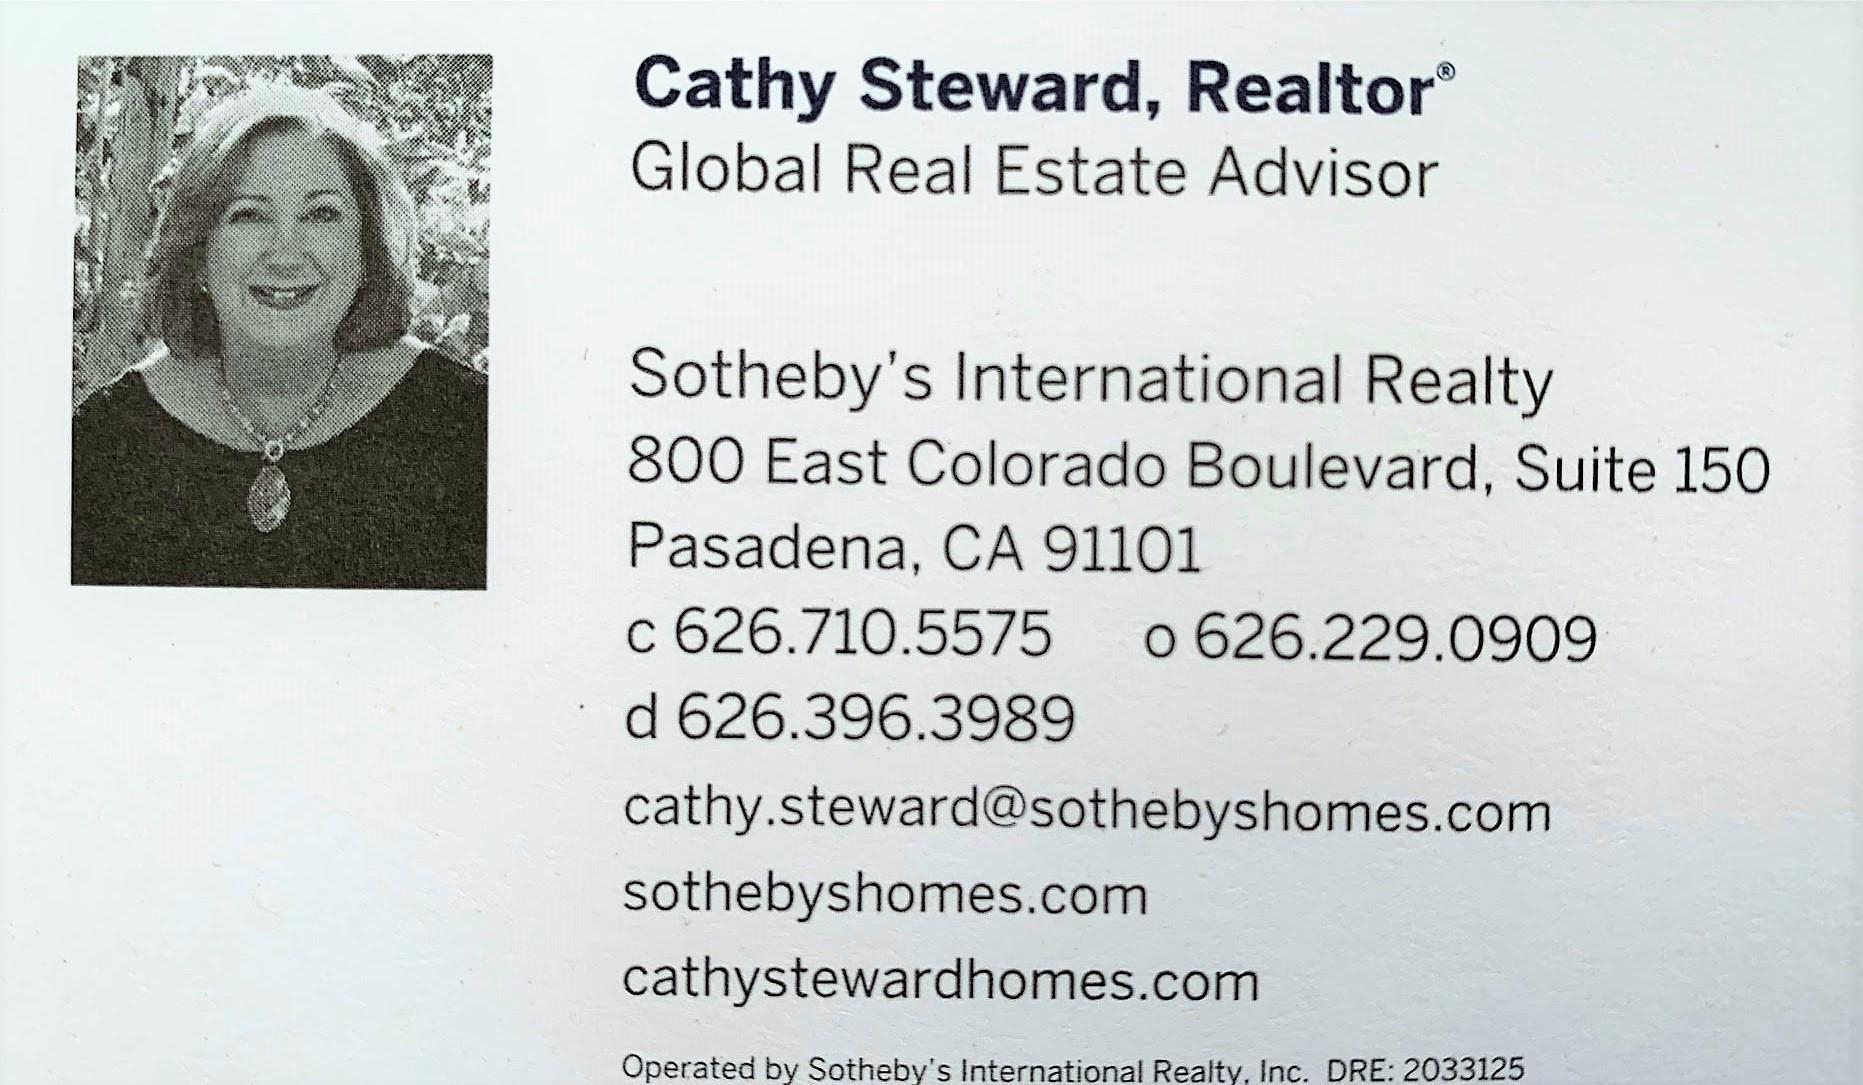 Cathy steward business card v.2